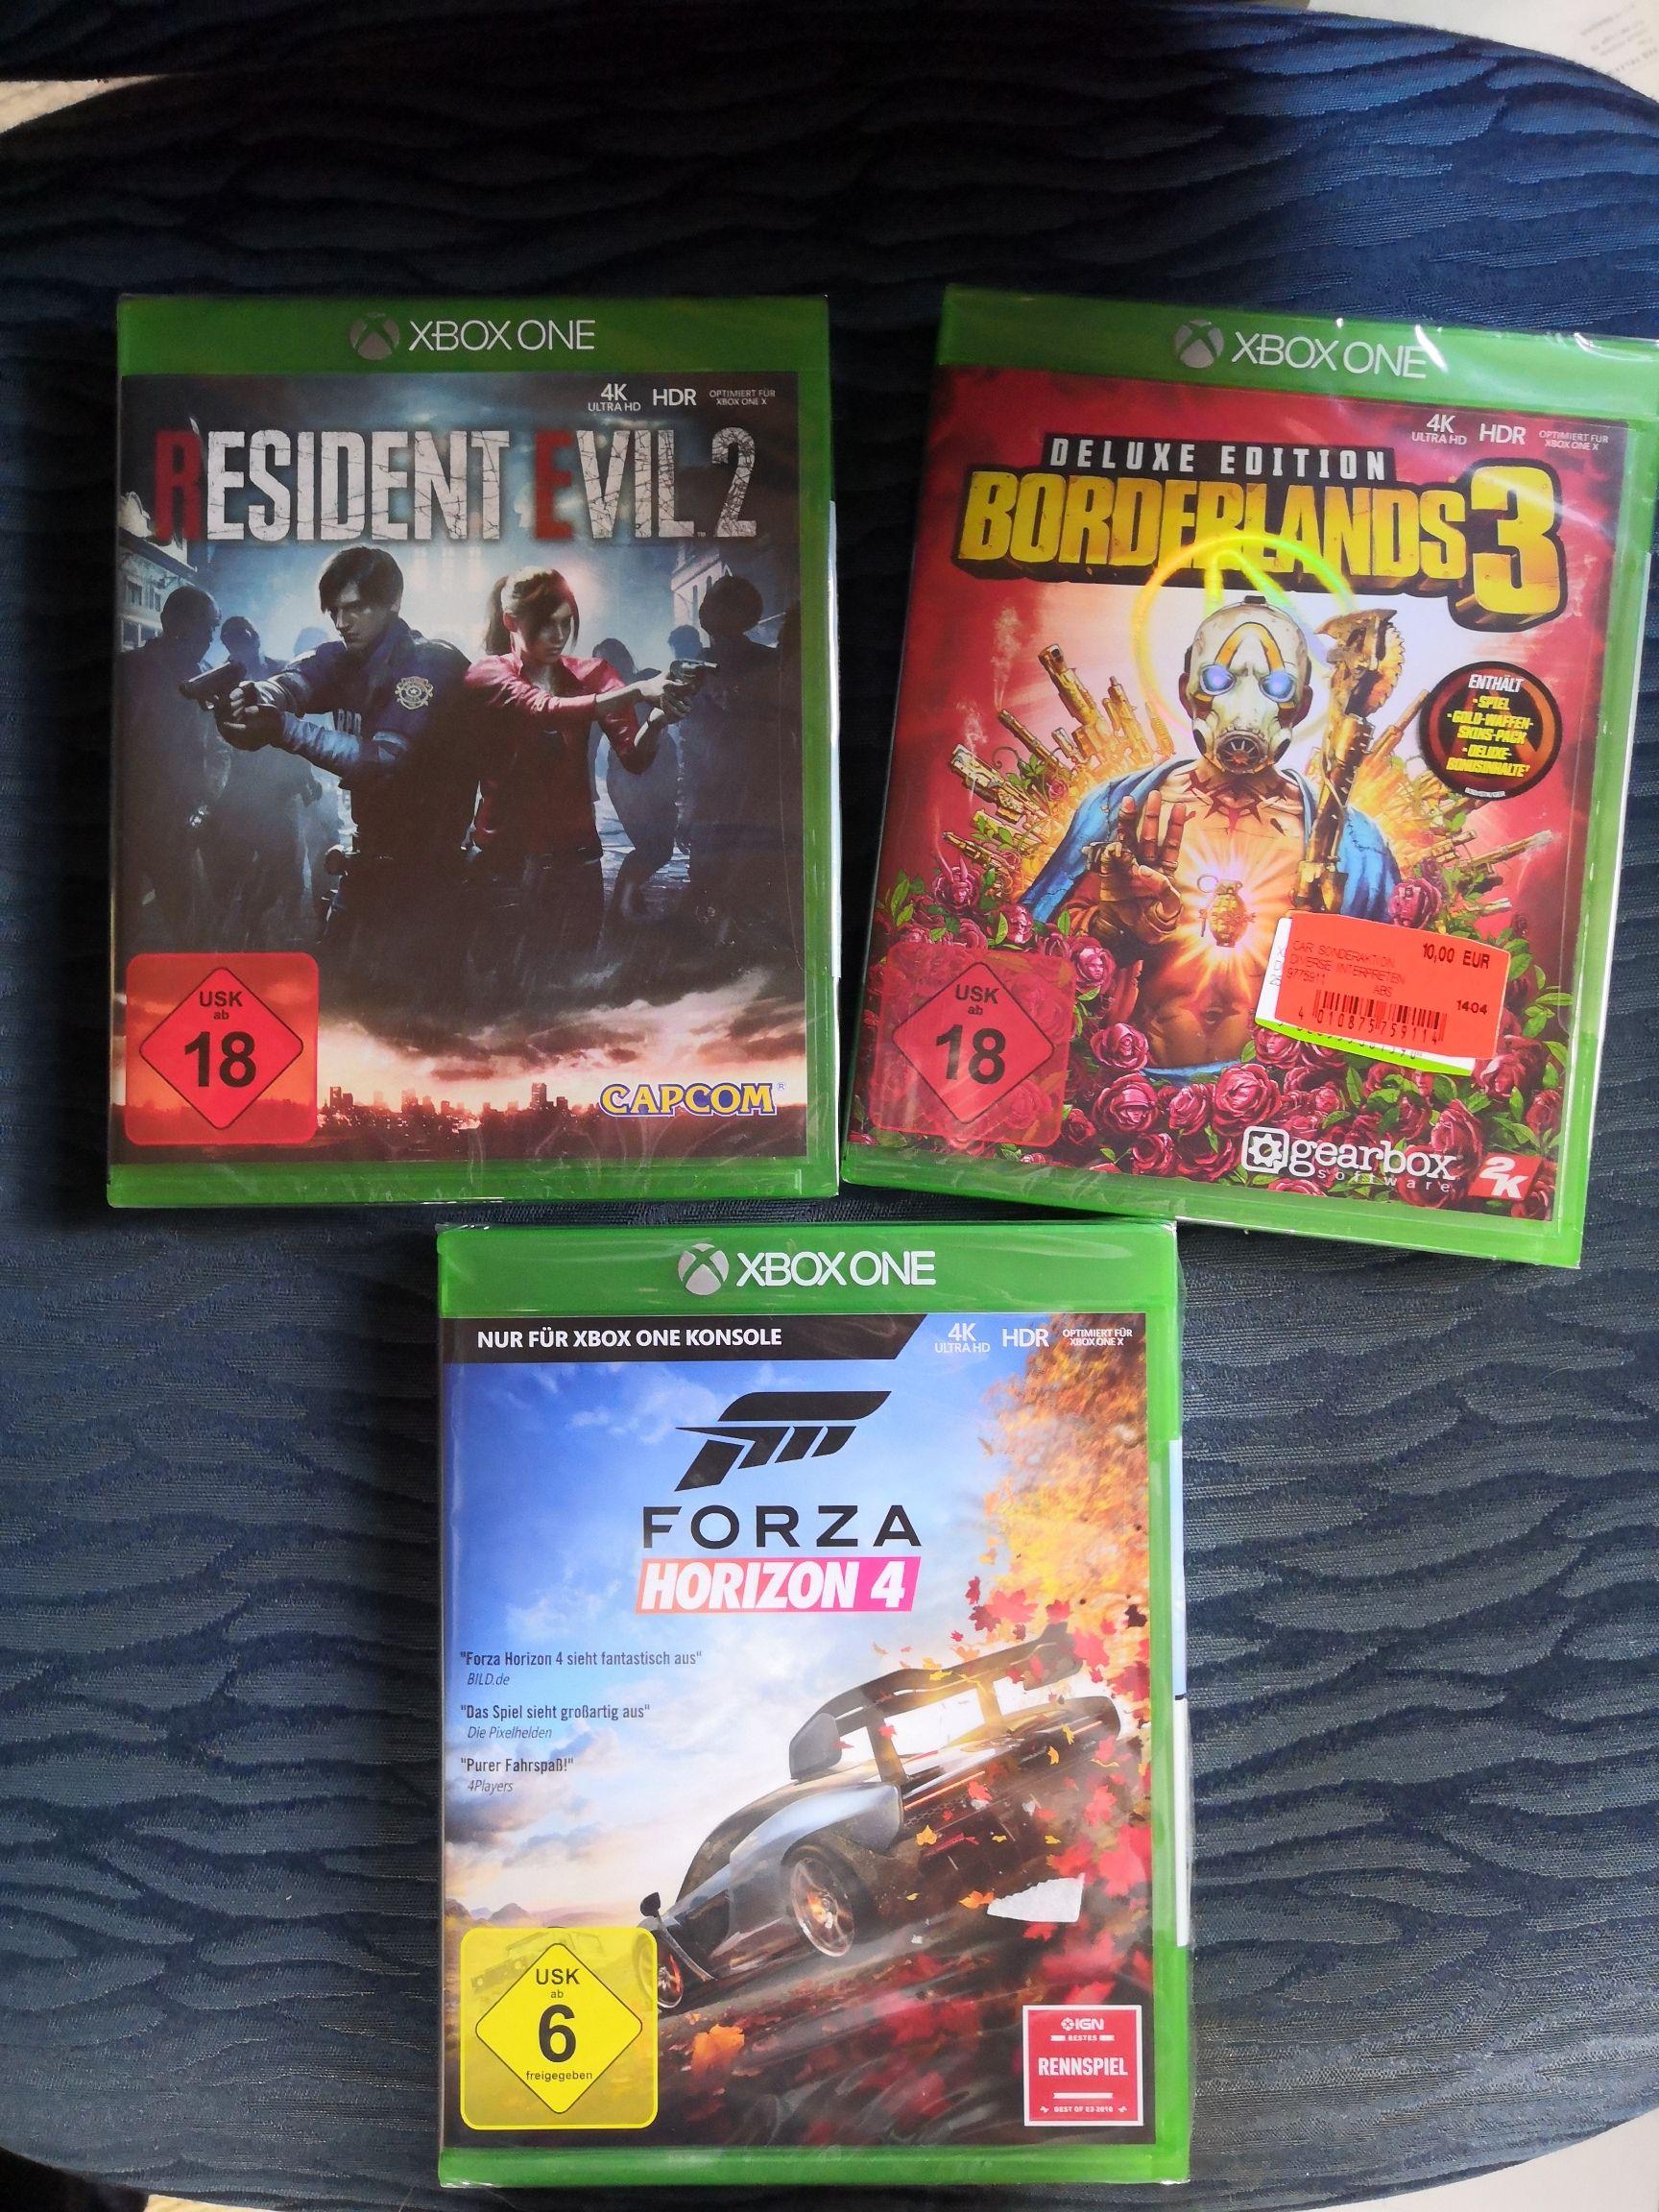 Lokal - [Media Markt Stadthagen] Forza Horizon 4, Resident Evil 2 und 7, Borderlands 3, COD Black Ops 3 und 4...Xbox One, FIFA20 (PS4) etc